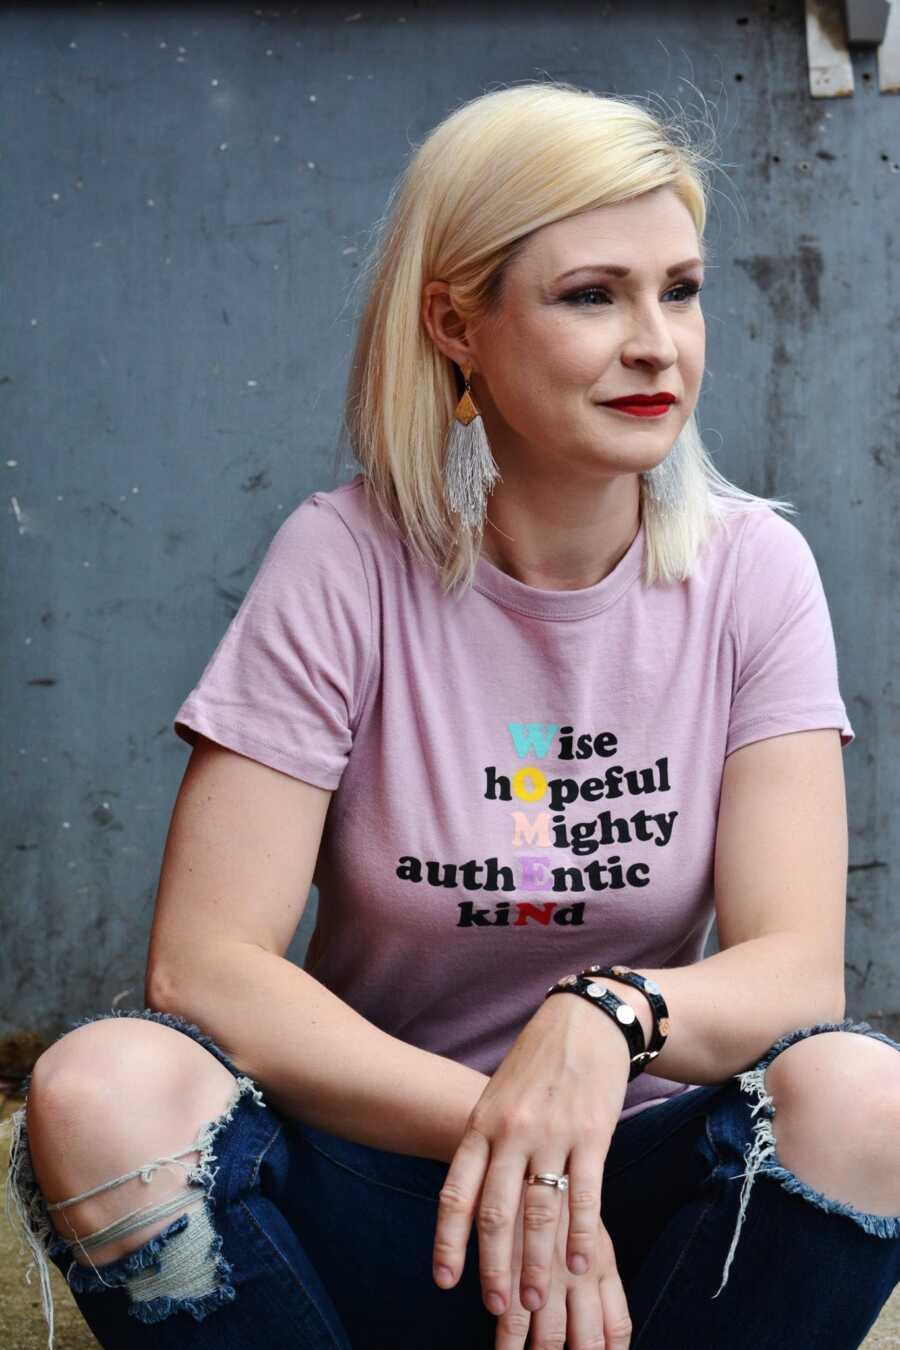 """从母亲精神崩溃中恢复的母亲穿着一件衬衫,上面写着""""女人:智慧、希望、强大、真实、善良"""""""